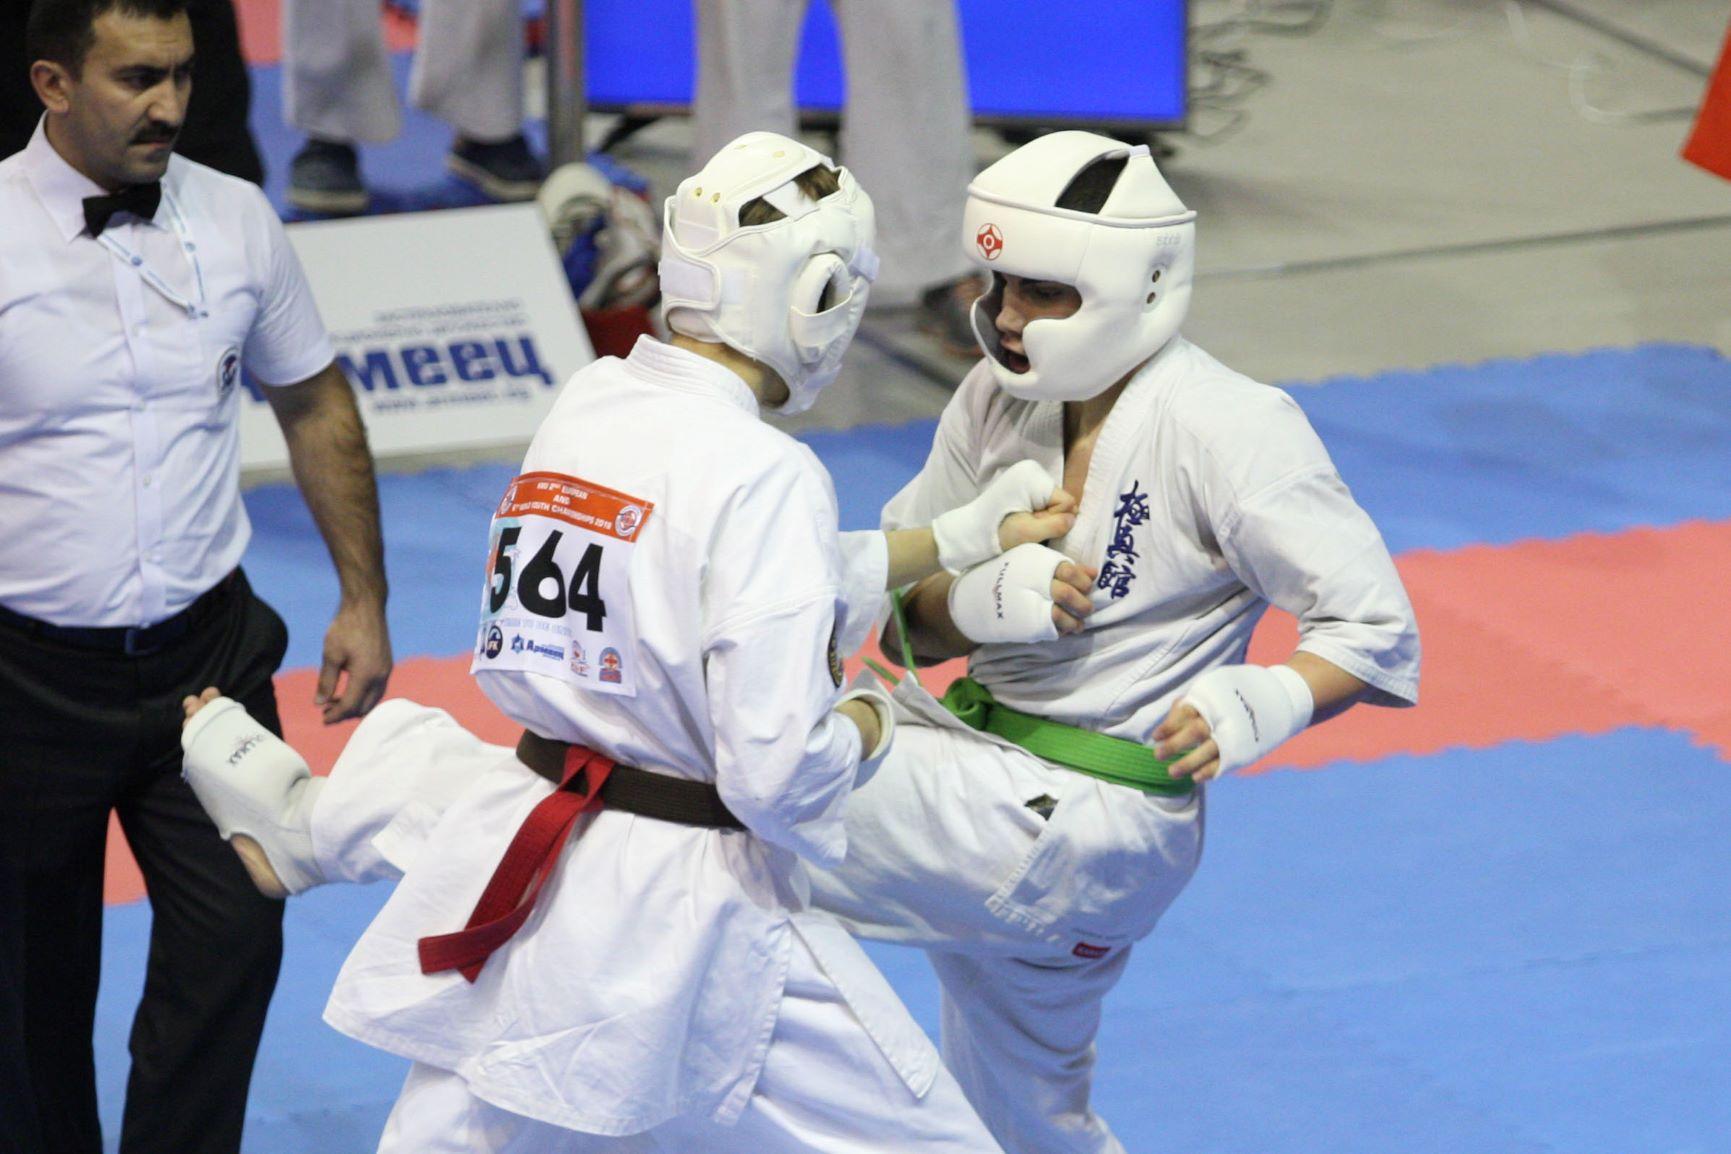 Един сребърен и три бронзови медала за България от световното по киокушин